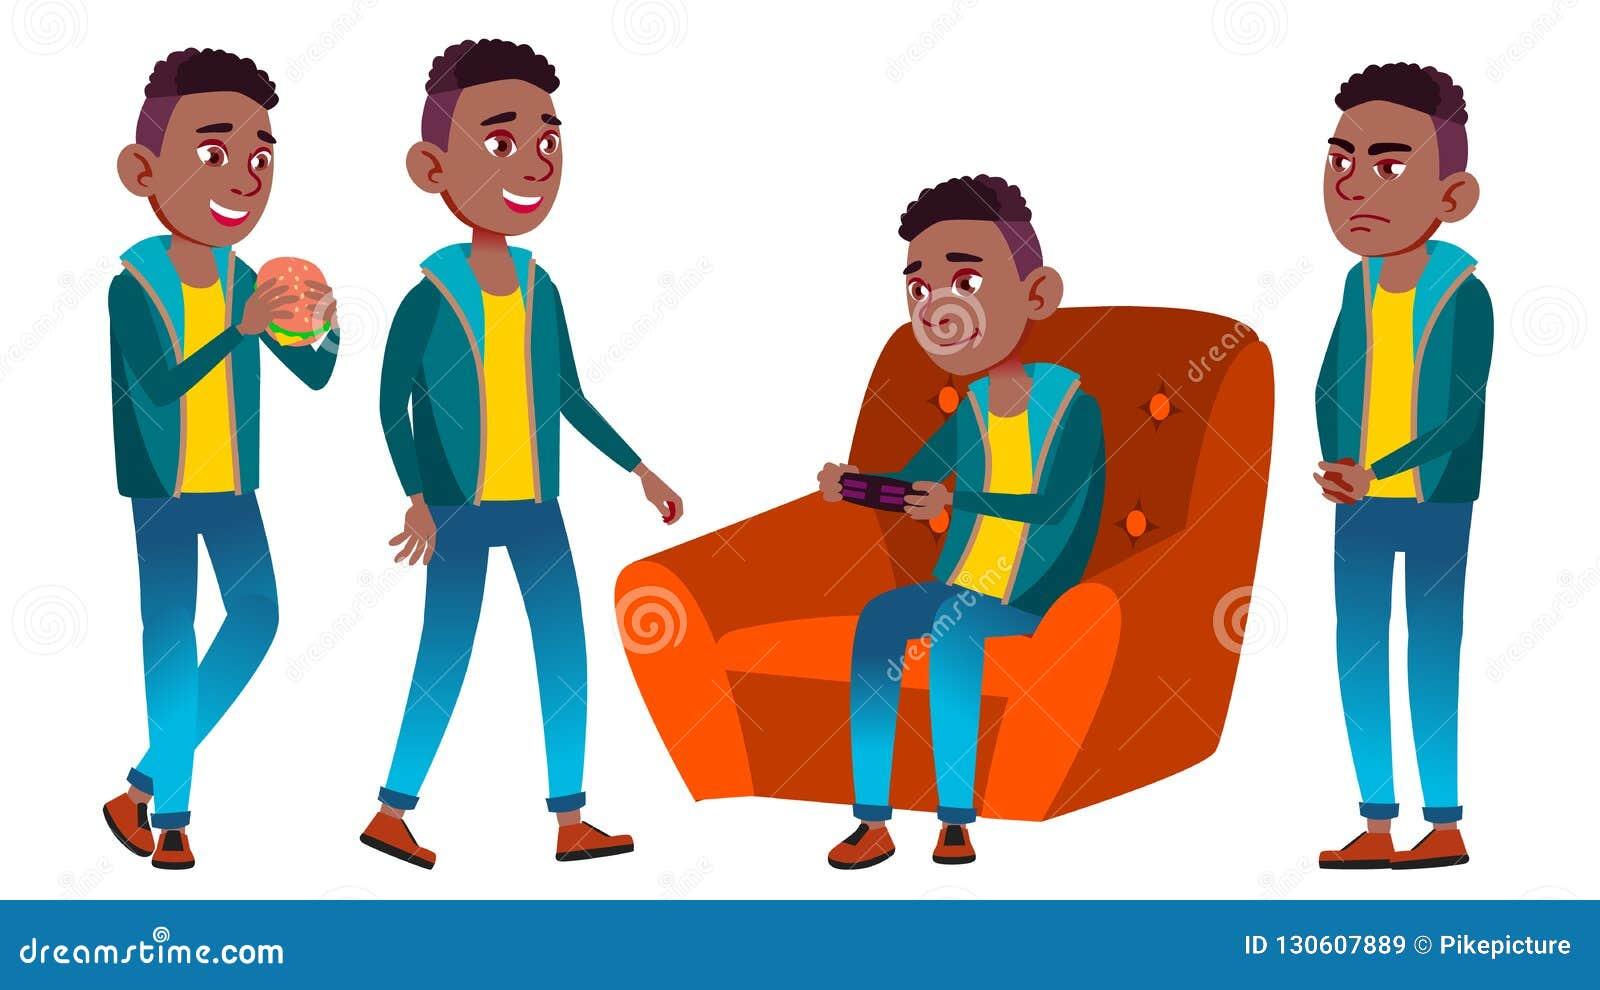 男孩男小学生孩子姿势被设置的传染媒介 投反对票 美国黑人 高中孩子 中等教育 教育,演讲